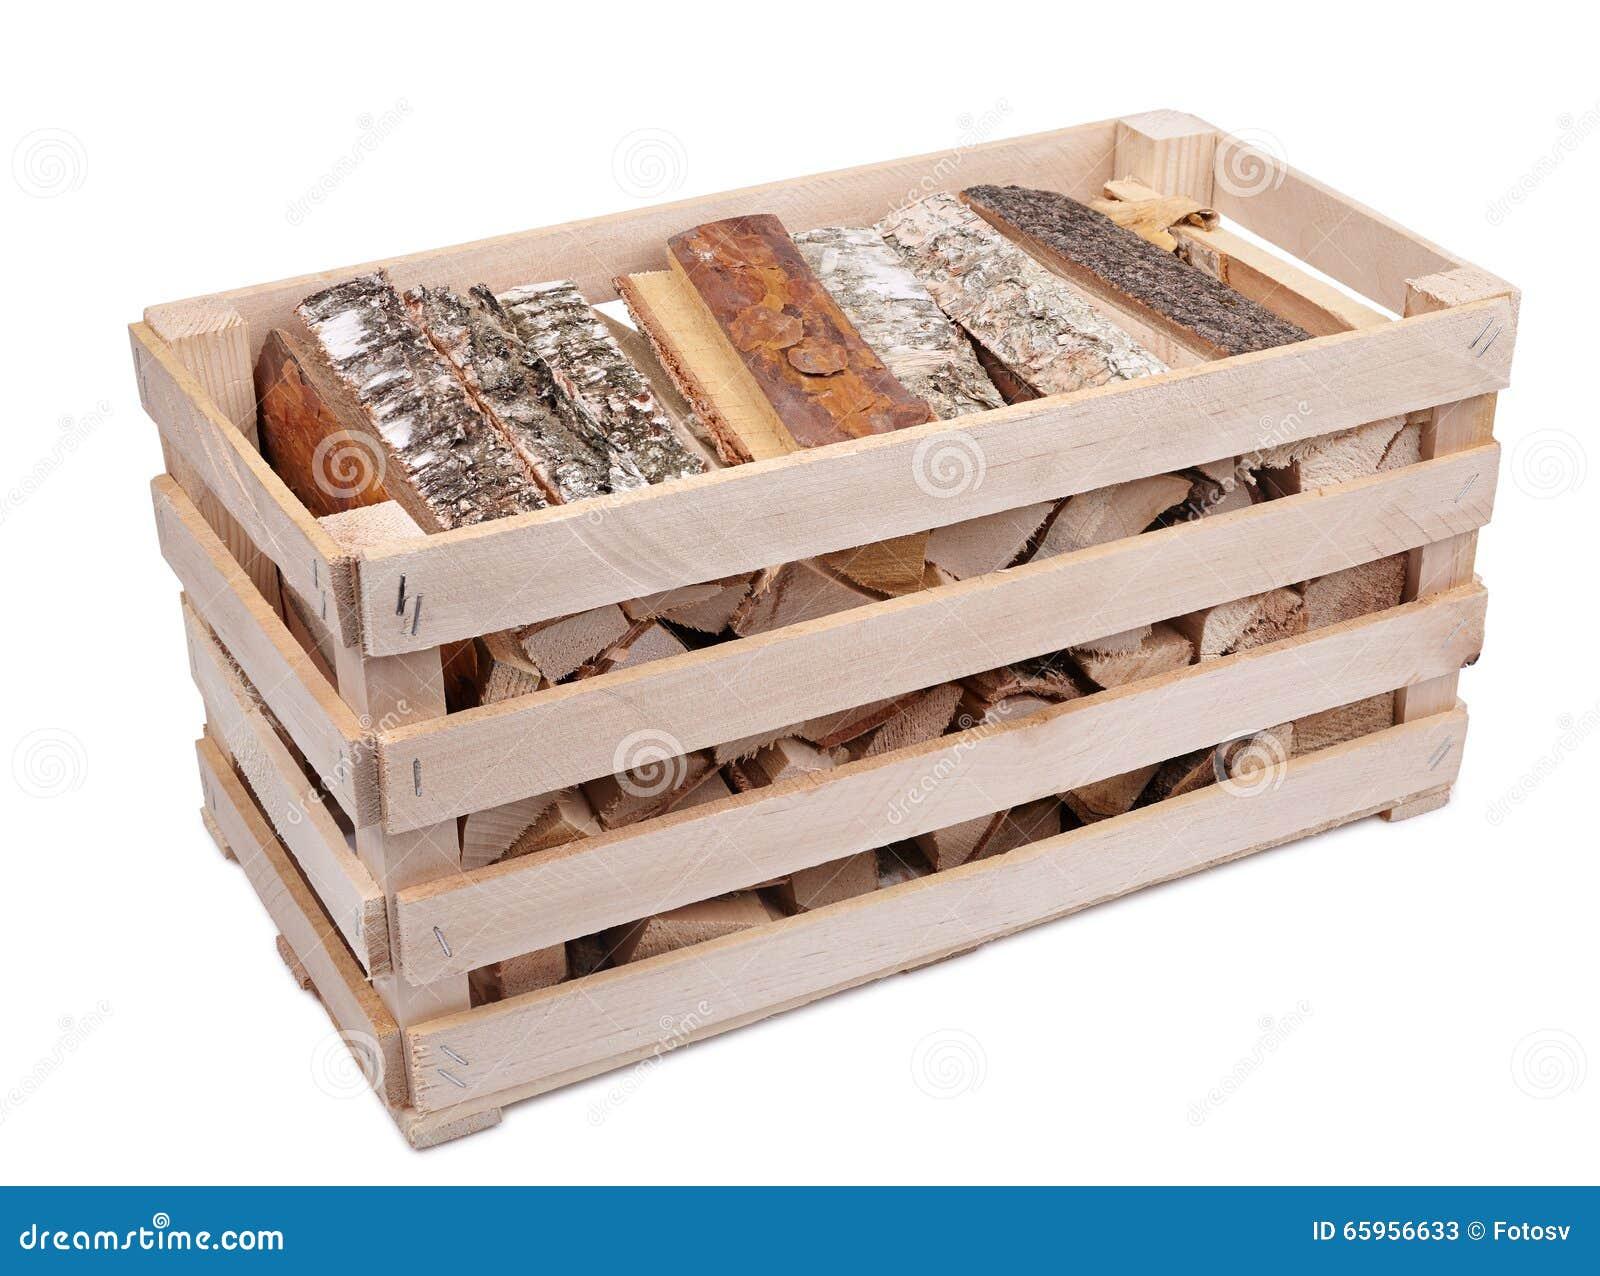 Caisse avec le bois de chauffage photo stock image 65956633 - Casier a bois de chauffage ...